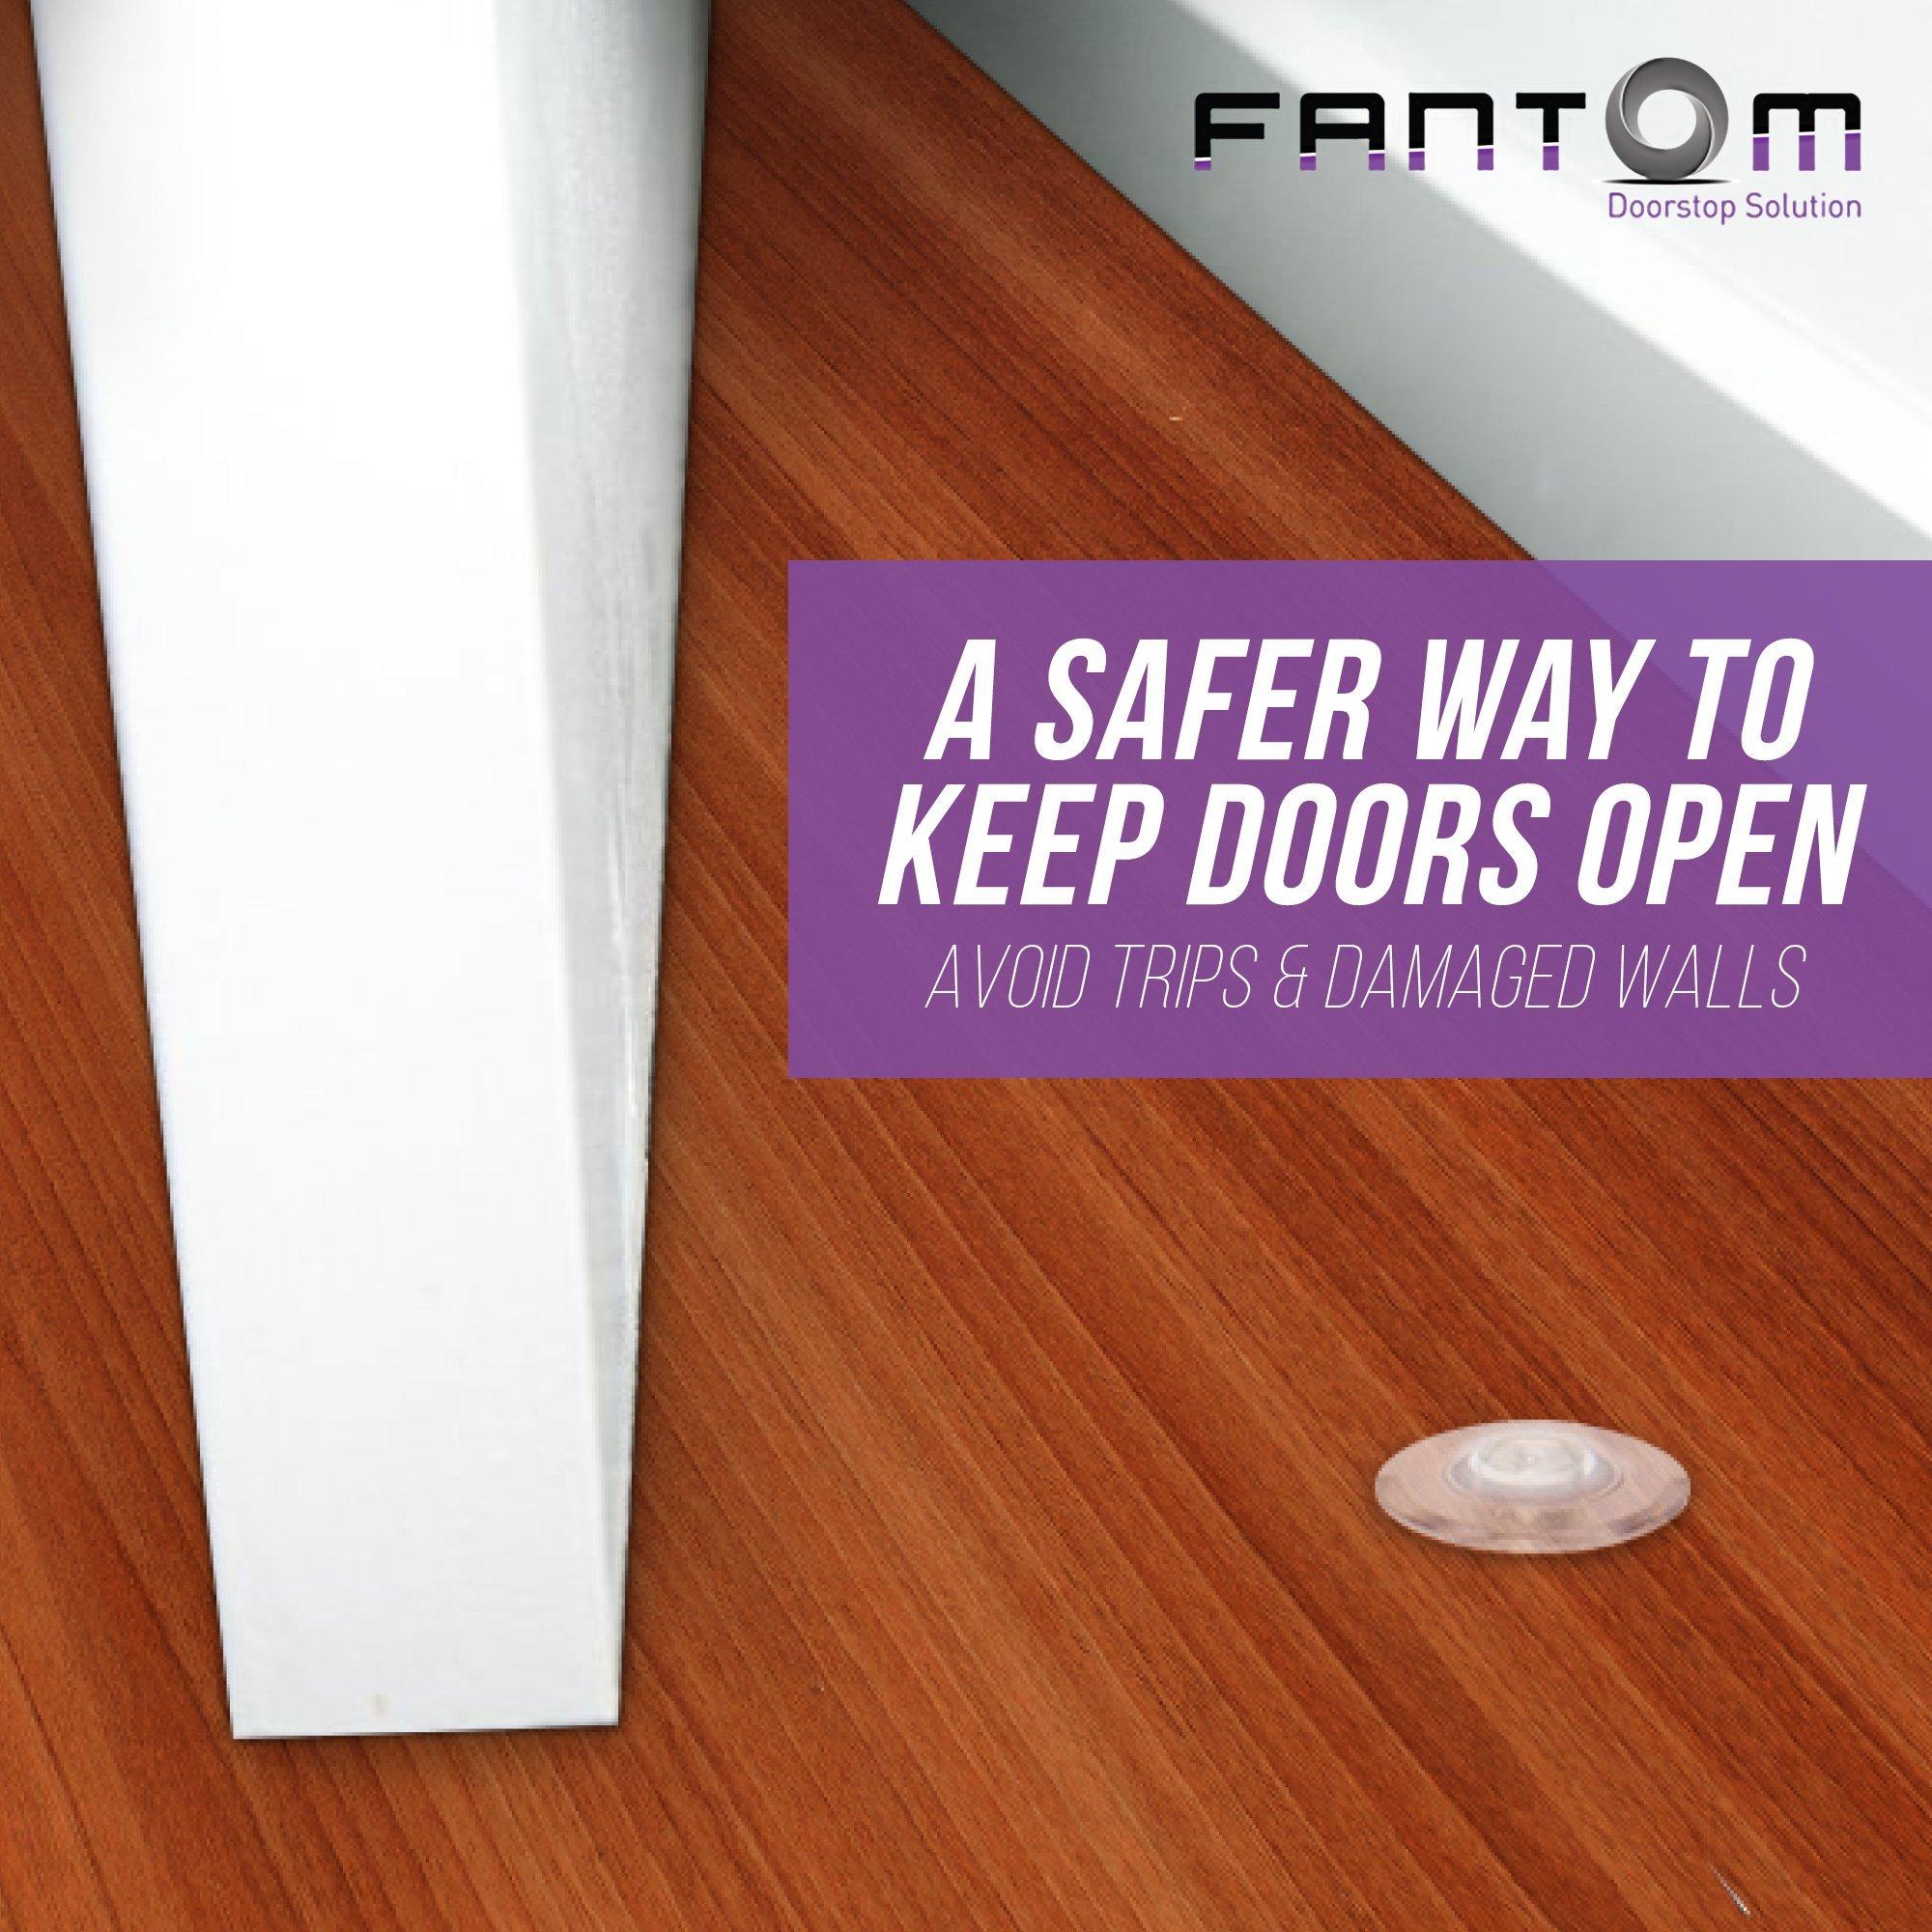 Fantom Magnetic Door Stop - Heavy Duty Door Stopper - Easy to Install Door holder Doorstop for Your Home, Office, Business or School (Fantom Door Stop)